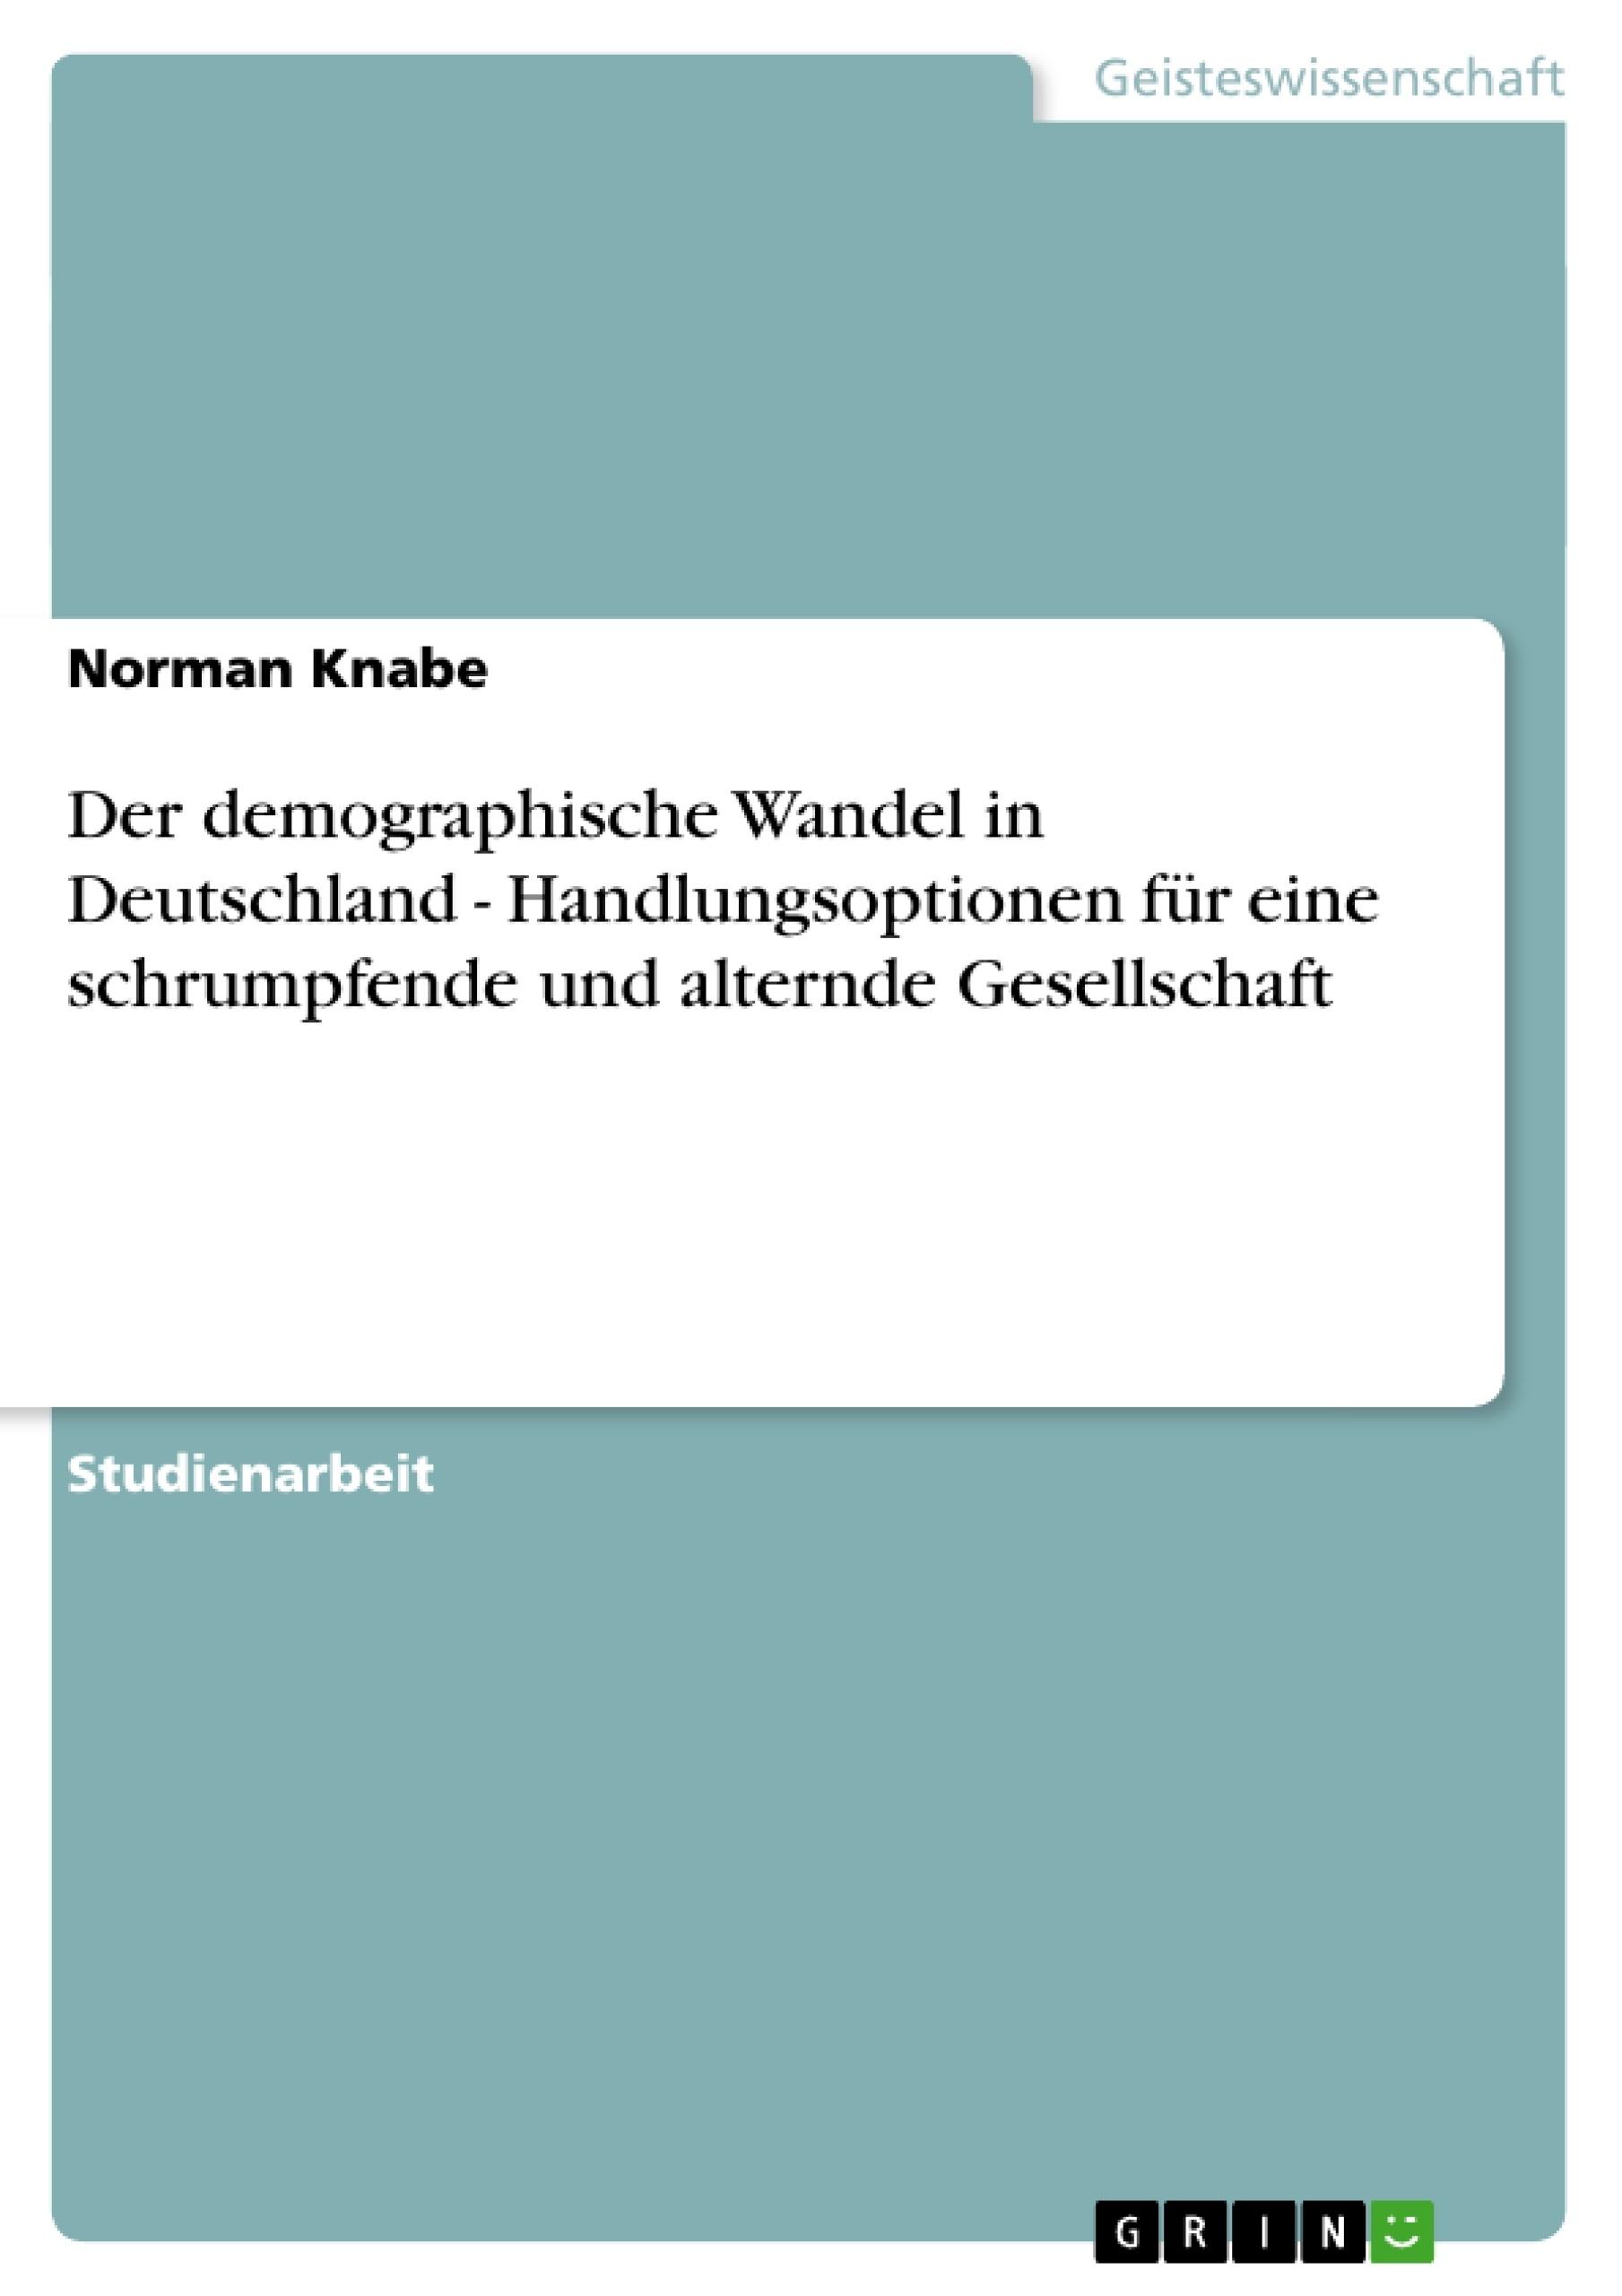 Titel: Der demographische Wandel in Deutschland - Handlungsoptionen für eine schrumpfende und alternde Gesellschaft